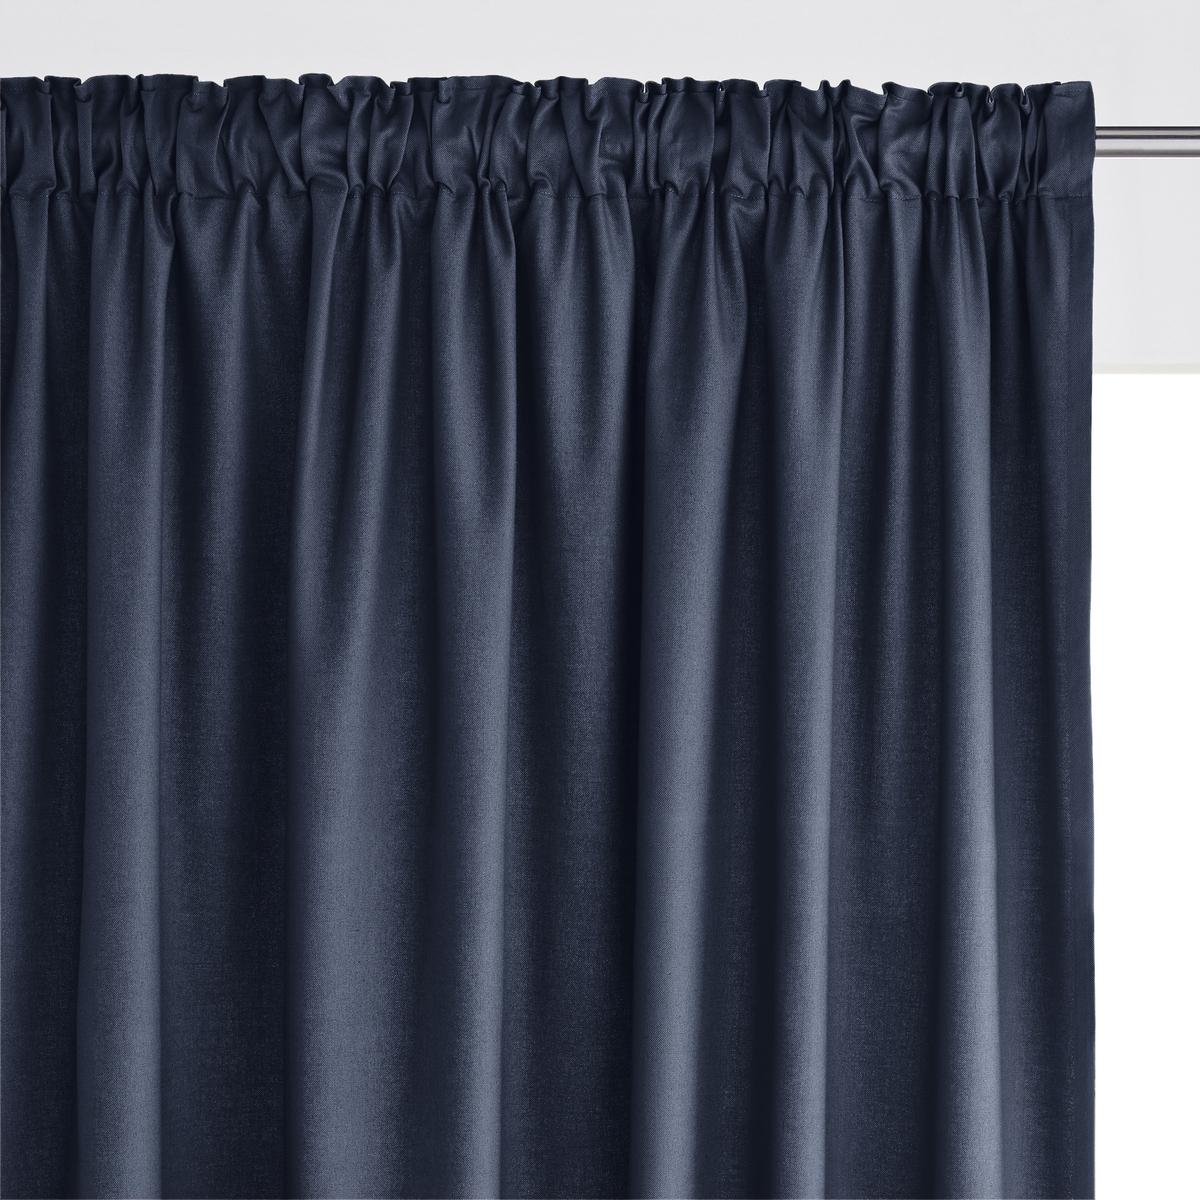 Штора La Redoute Из хлопка с тесьмой SCENARIO 180 x 135 см синий комплект из полотенце для la redoute рук из хлопка и льна nipaly 50 x 100 см белый